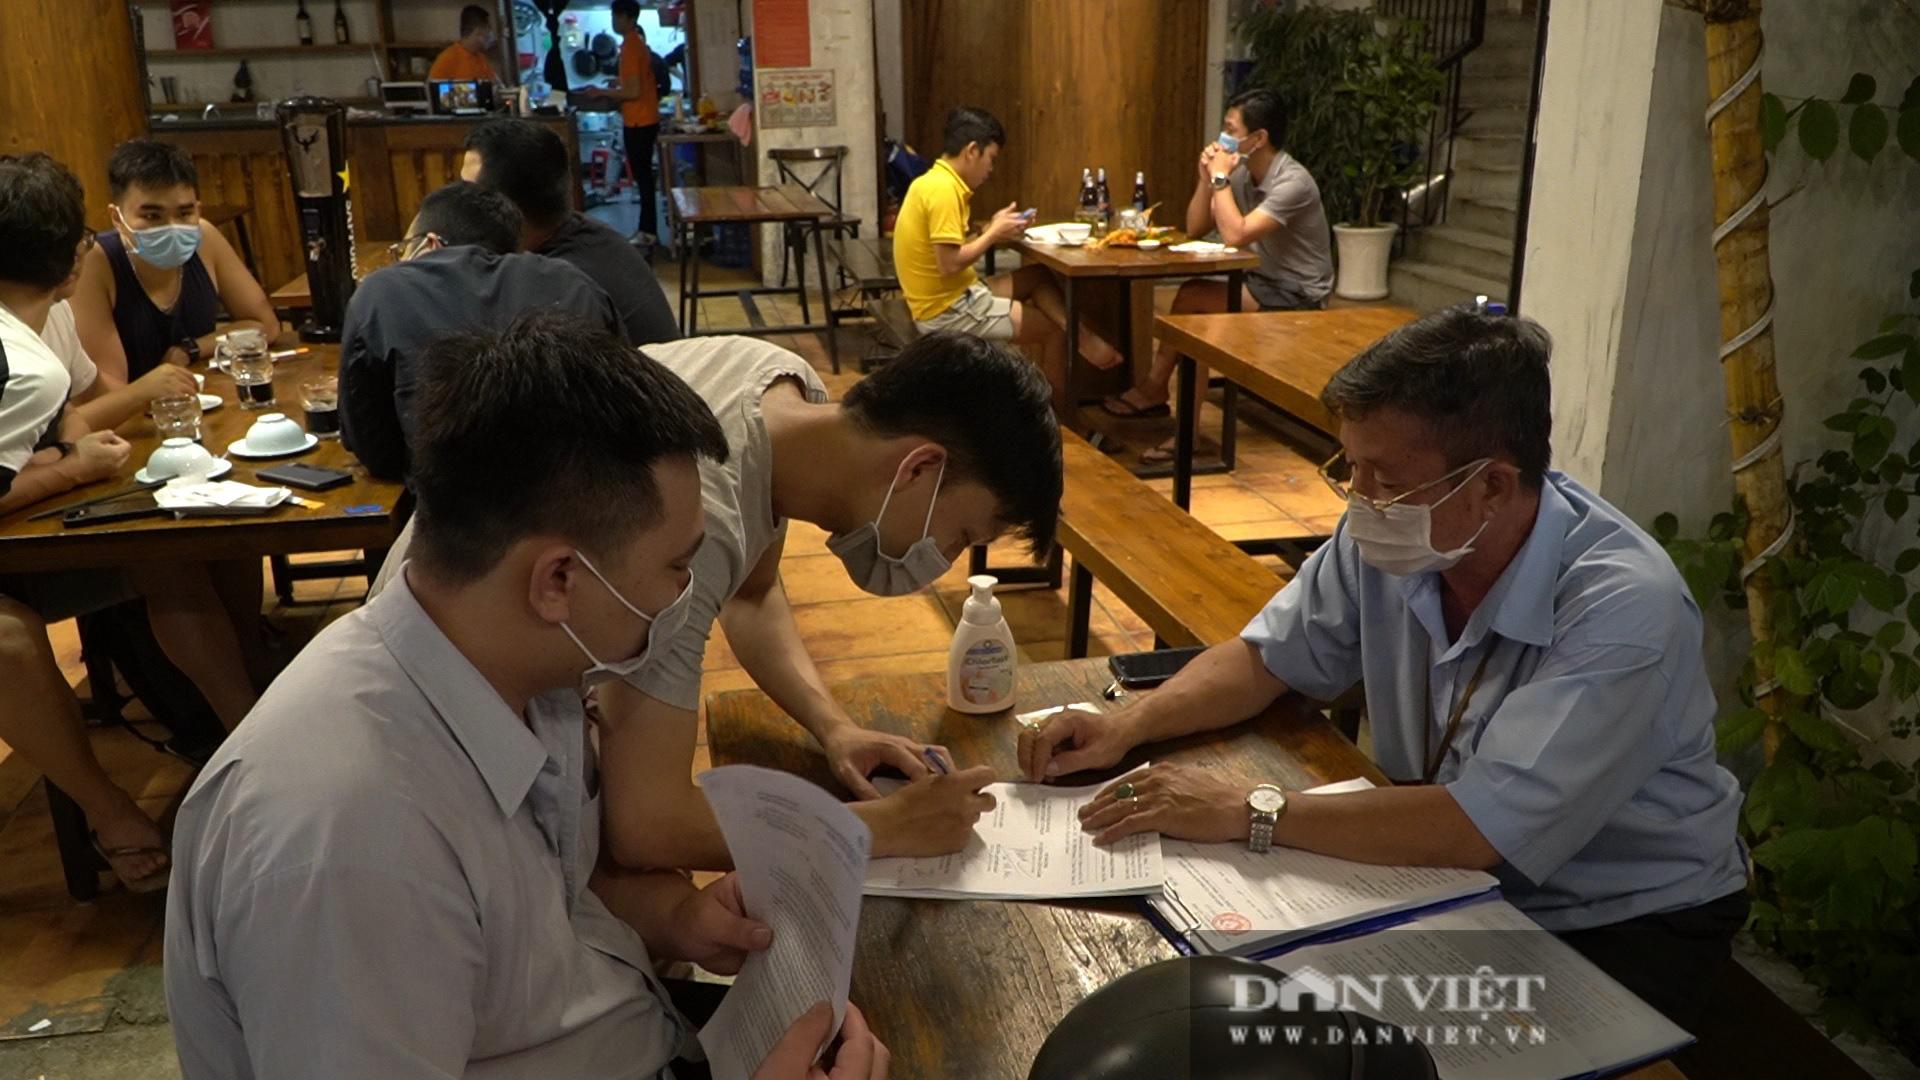 TP Hồ Chí Minh: Xử phạt hàng chục triệu đồng đối với nhiều quán cà phê vi phạm phòng dịch - Ảnh 4.